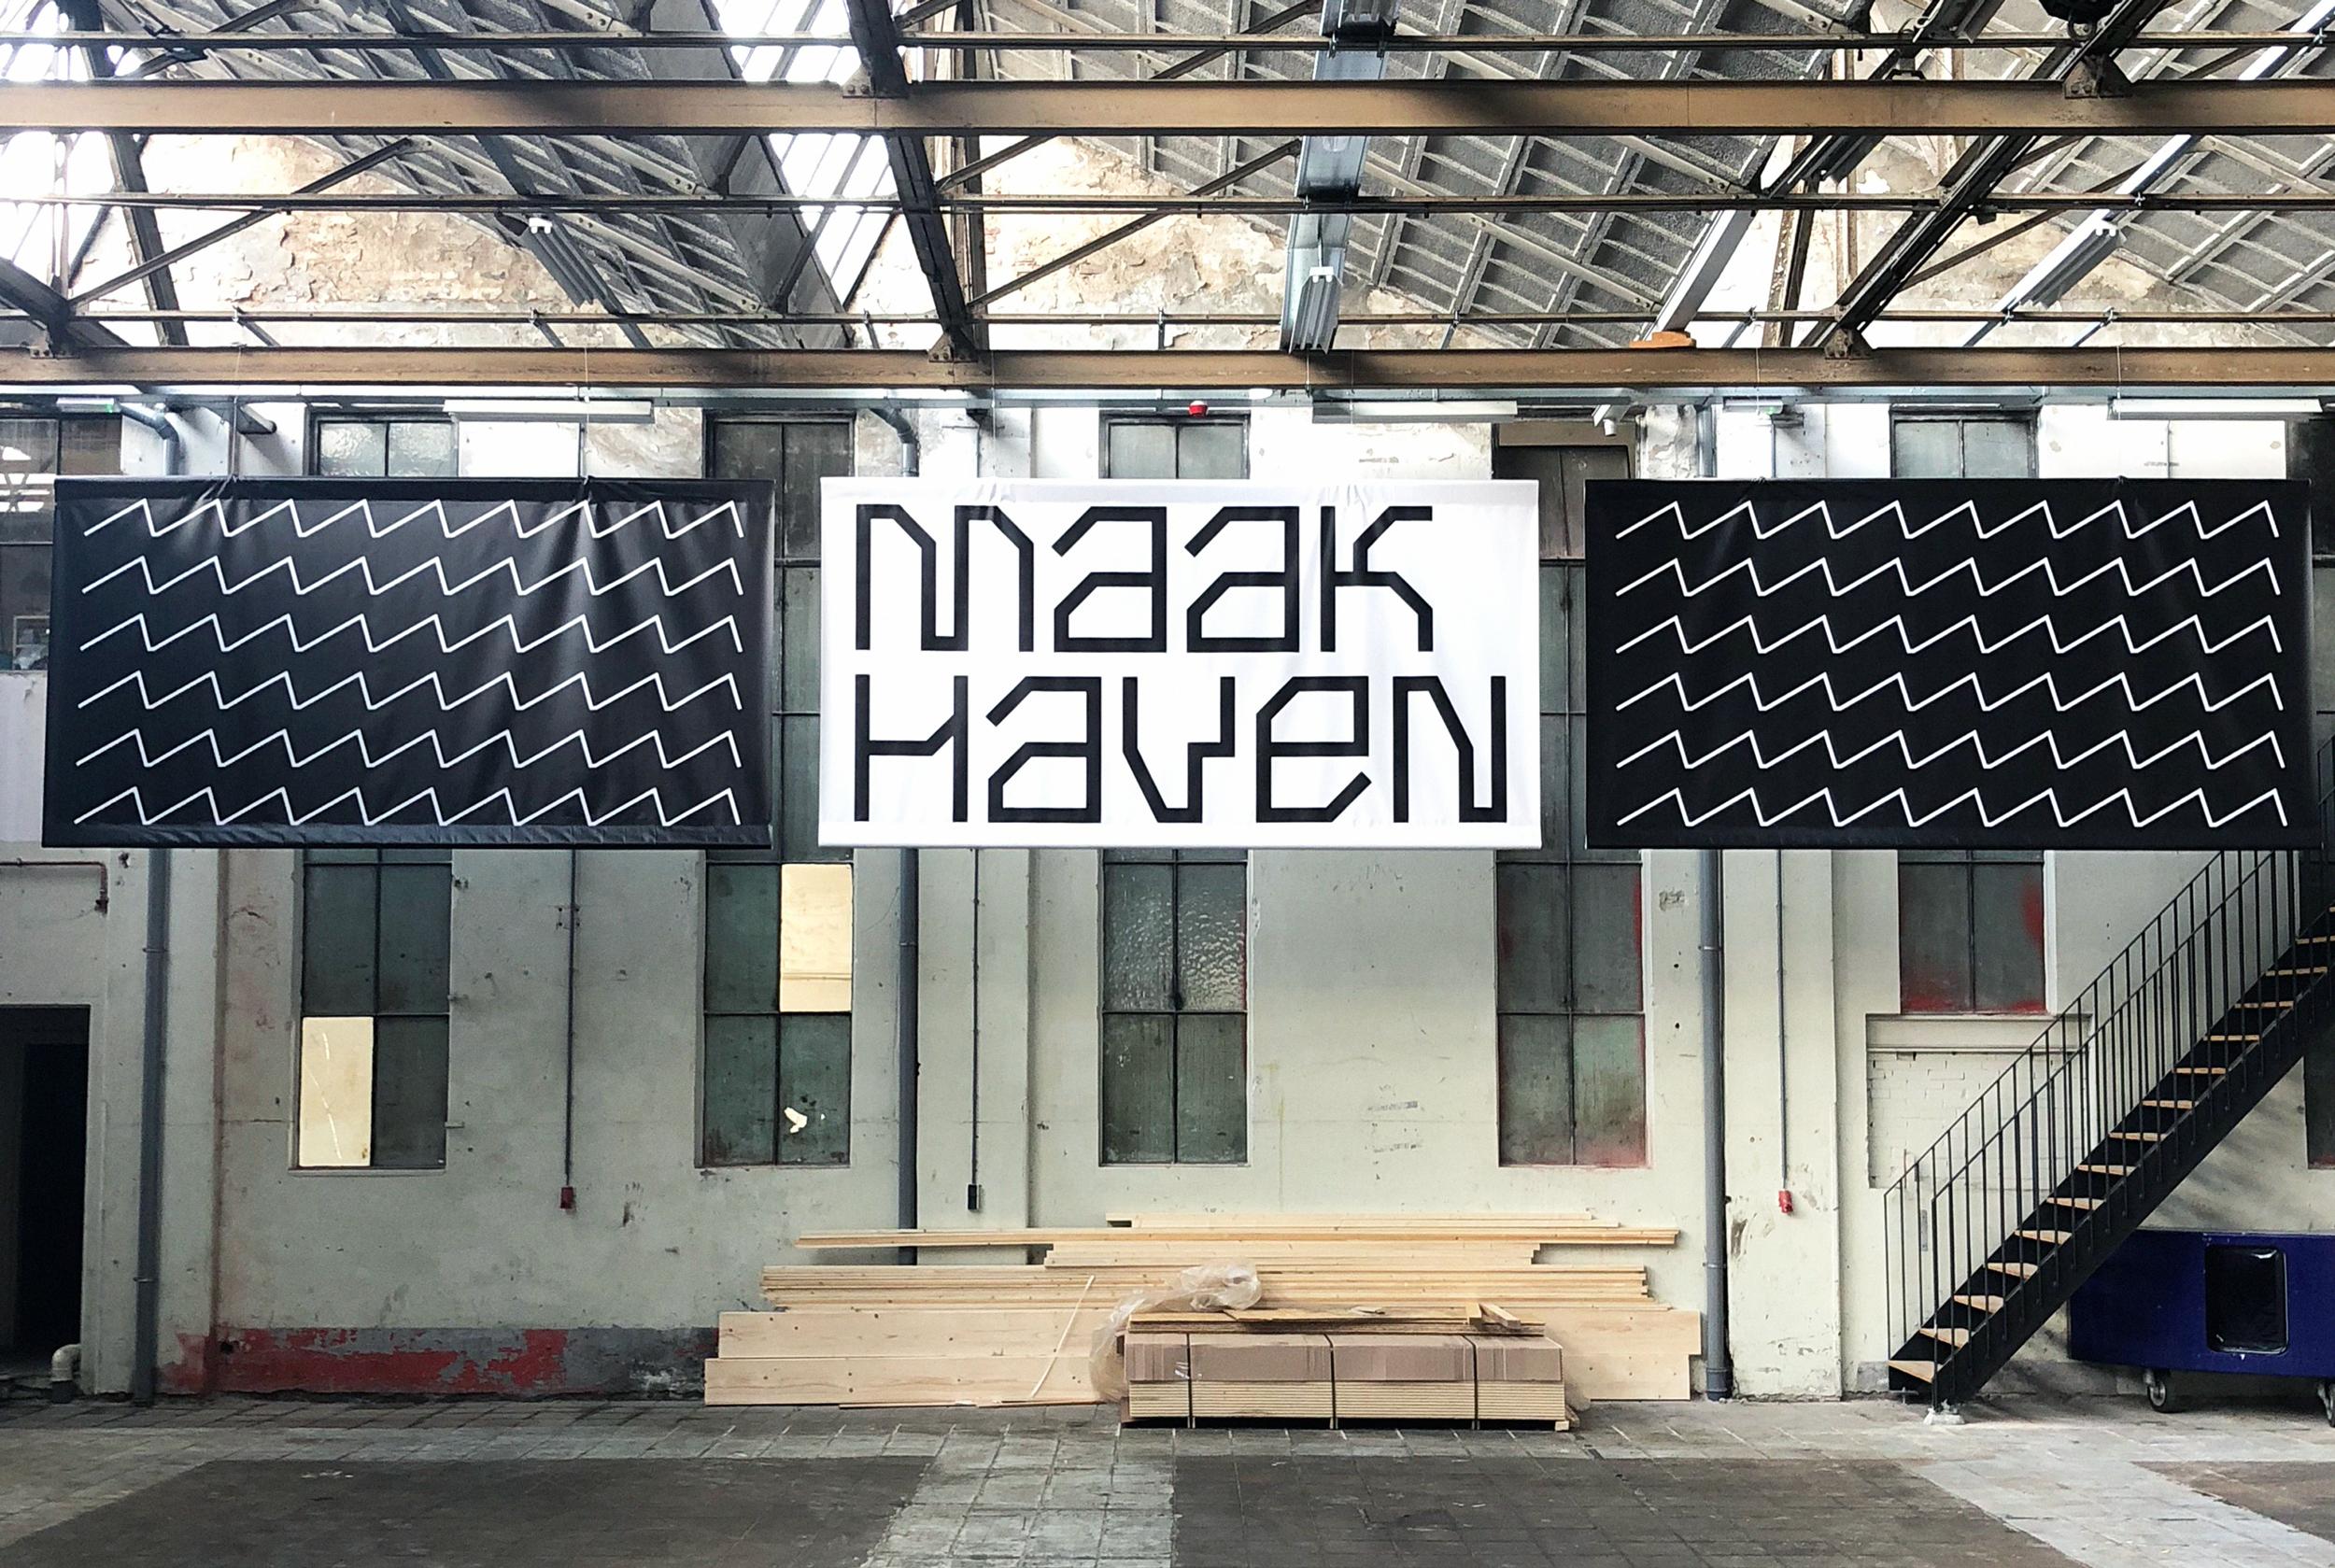 Maakhaven — Identity + Website - Studio Lennarts & de Bruijn